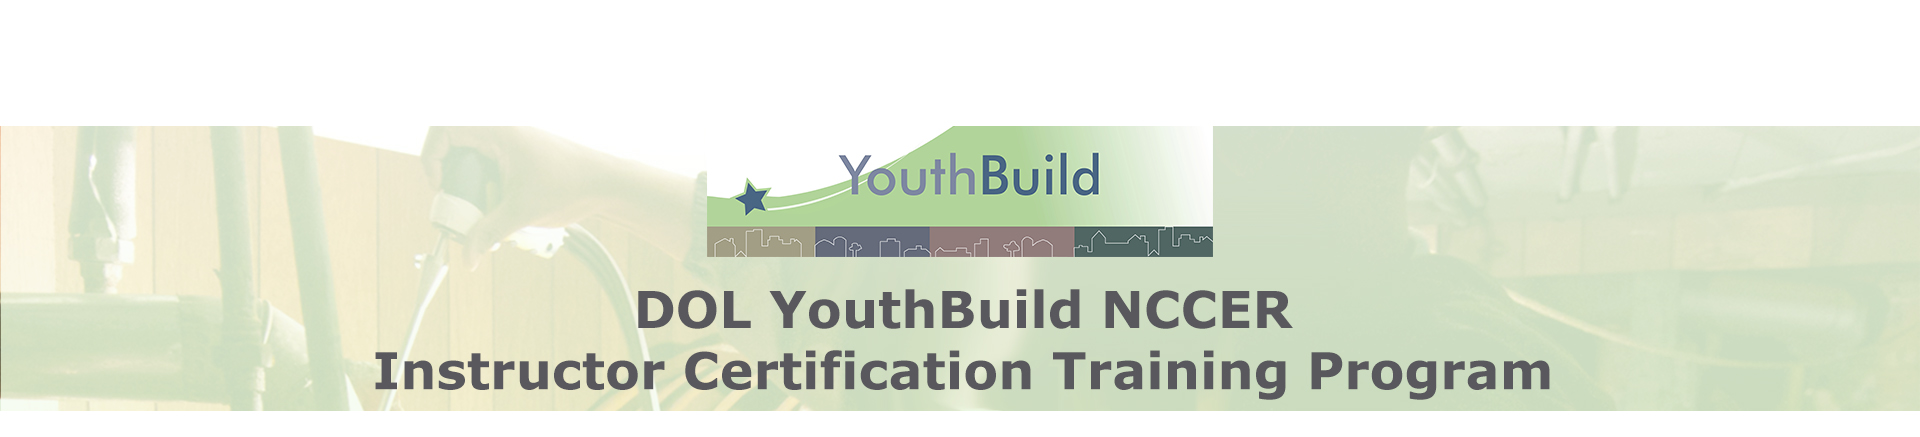 DOL YouthBuild Instructor NCCER Certification Training Program